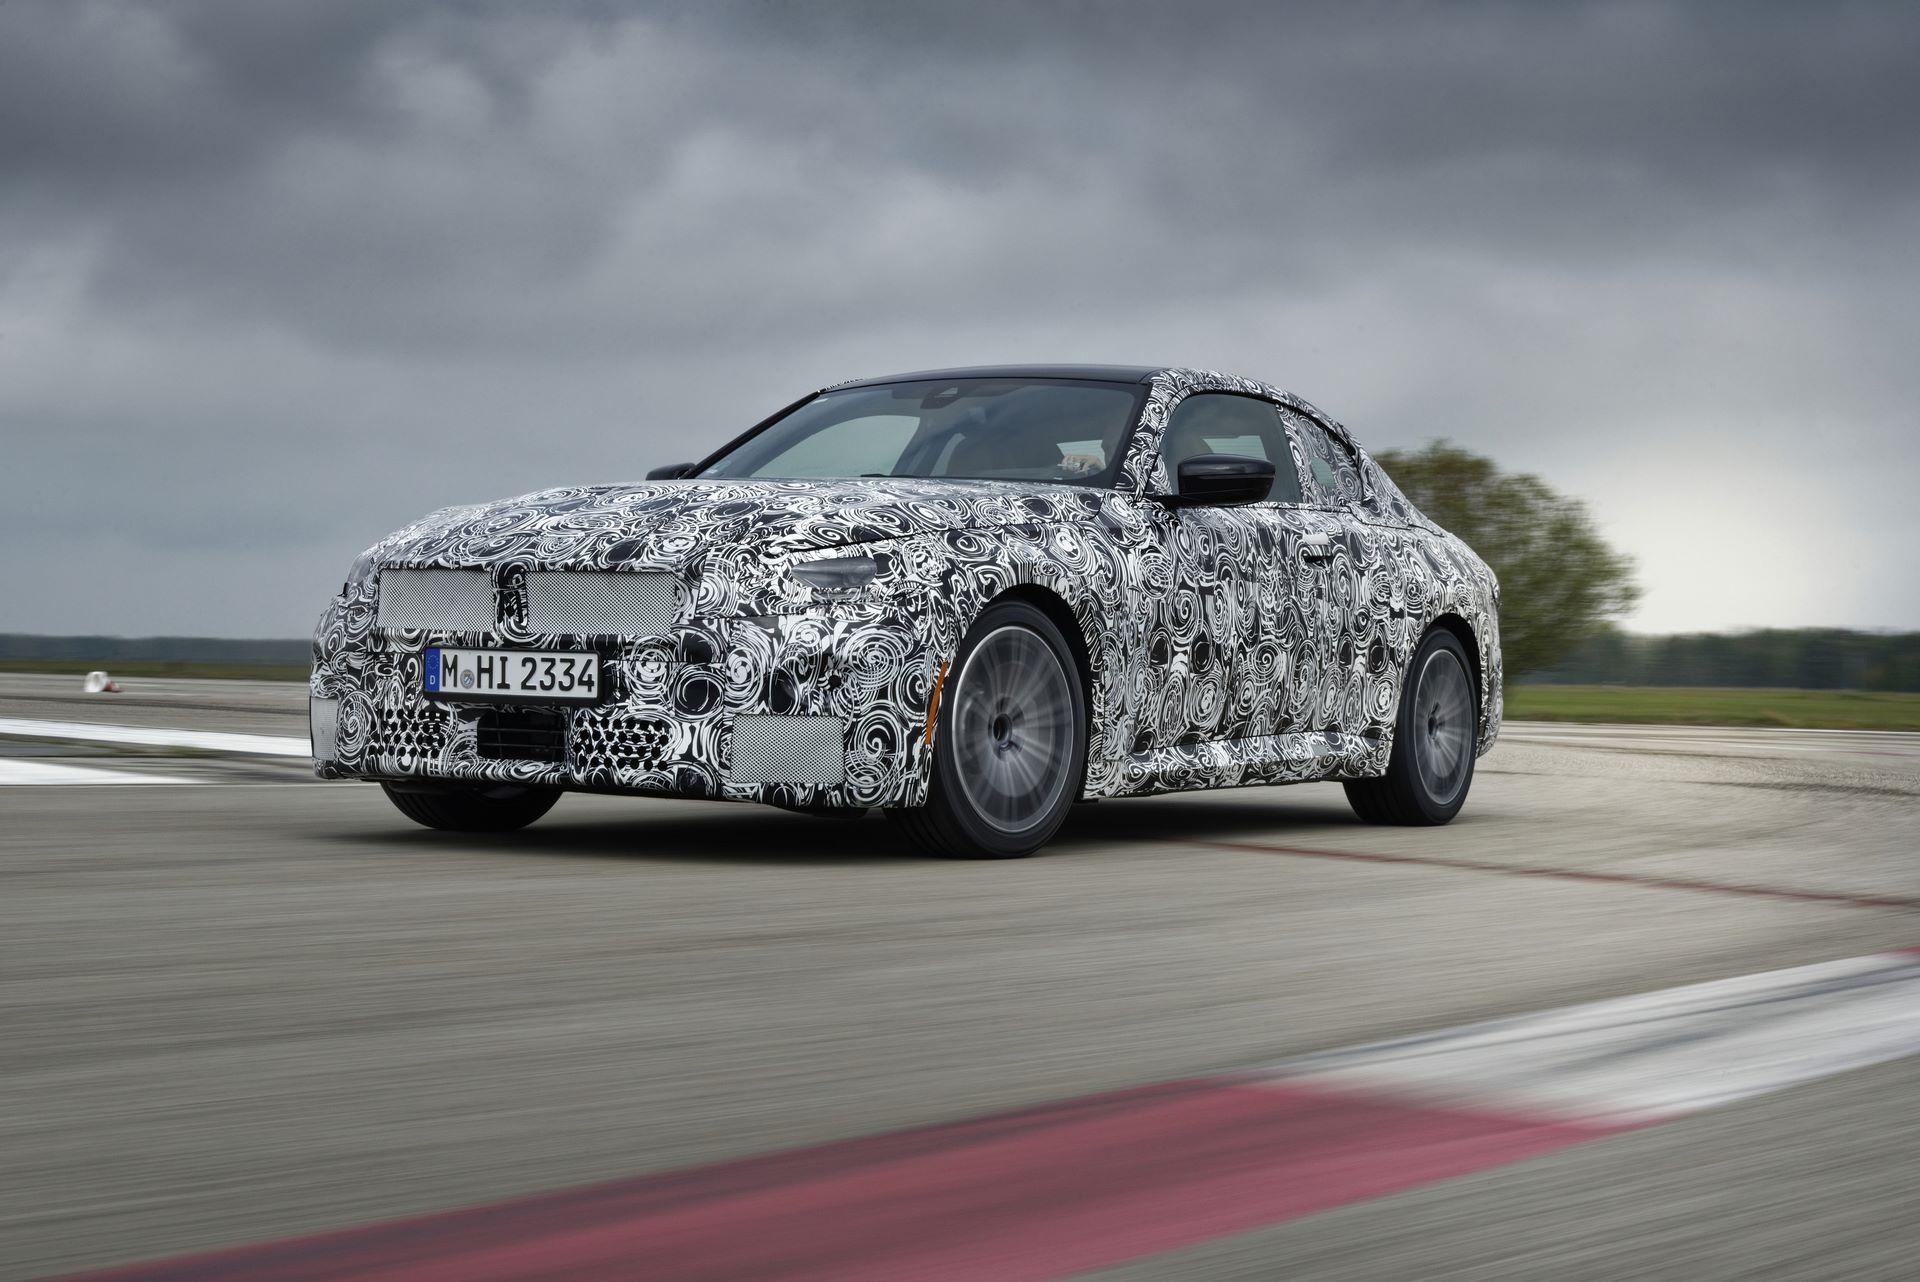 BMW-2-Series-M240i-spy-photos-16